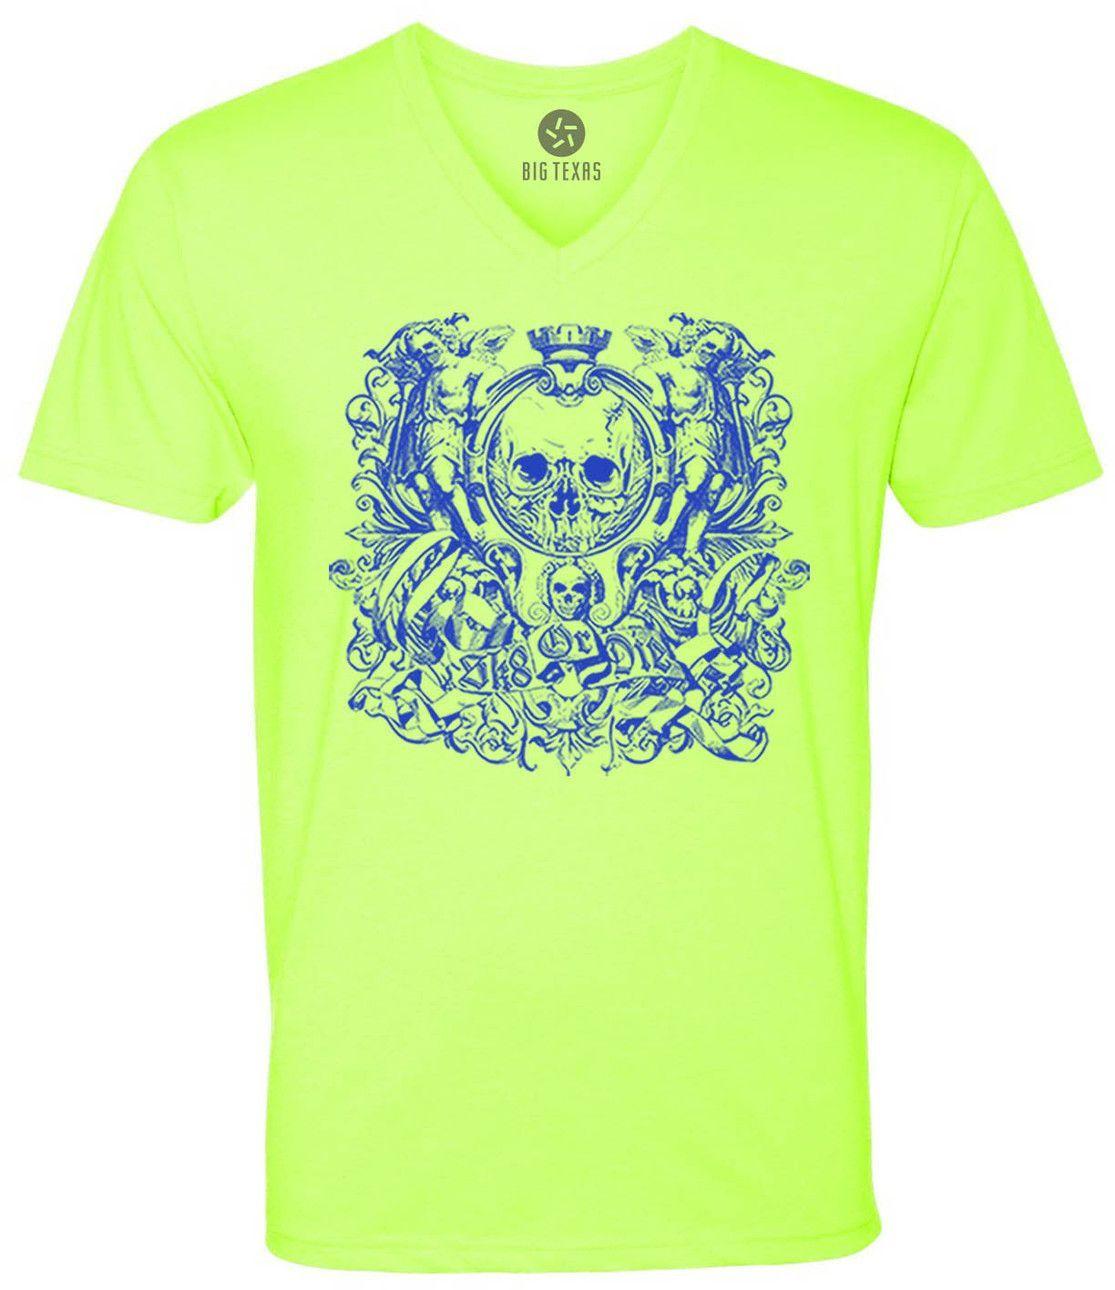 Sk8 or Die (Blue) Short-Sleeve V-Neck T-Shirt